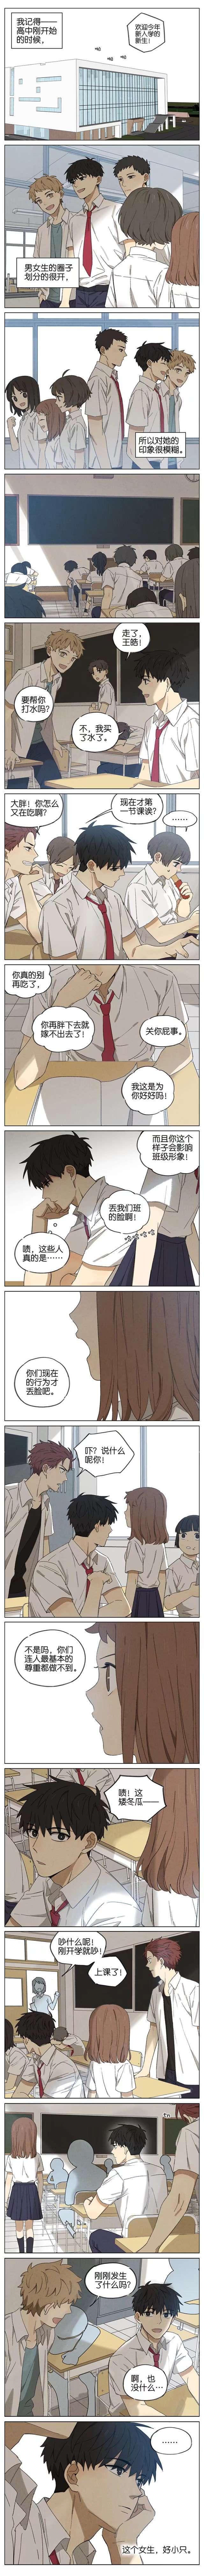 【漫画】嘛~中午有盒友看了龙王三结局哭的不行,找我吐槽了一番-小柚妹站